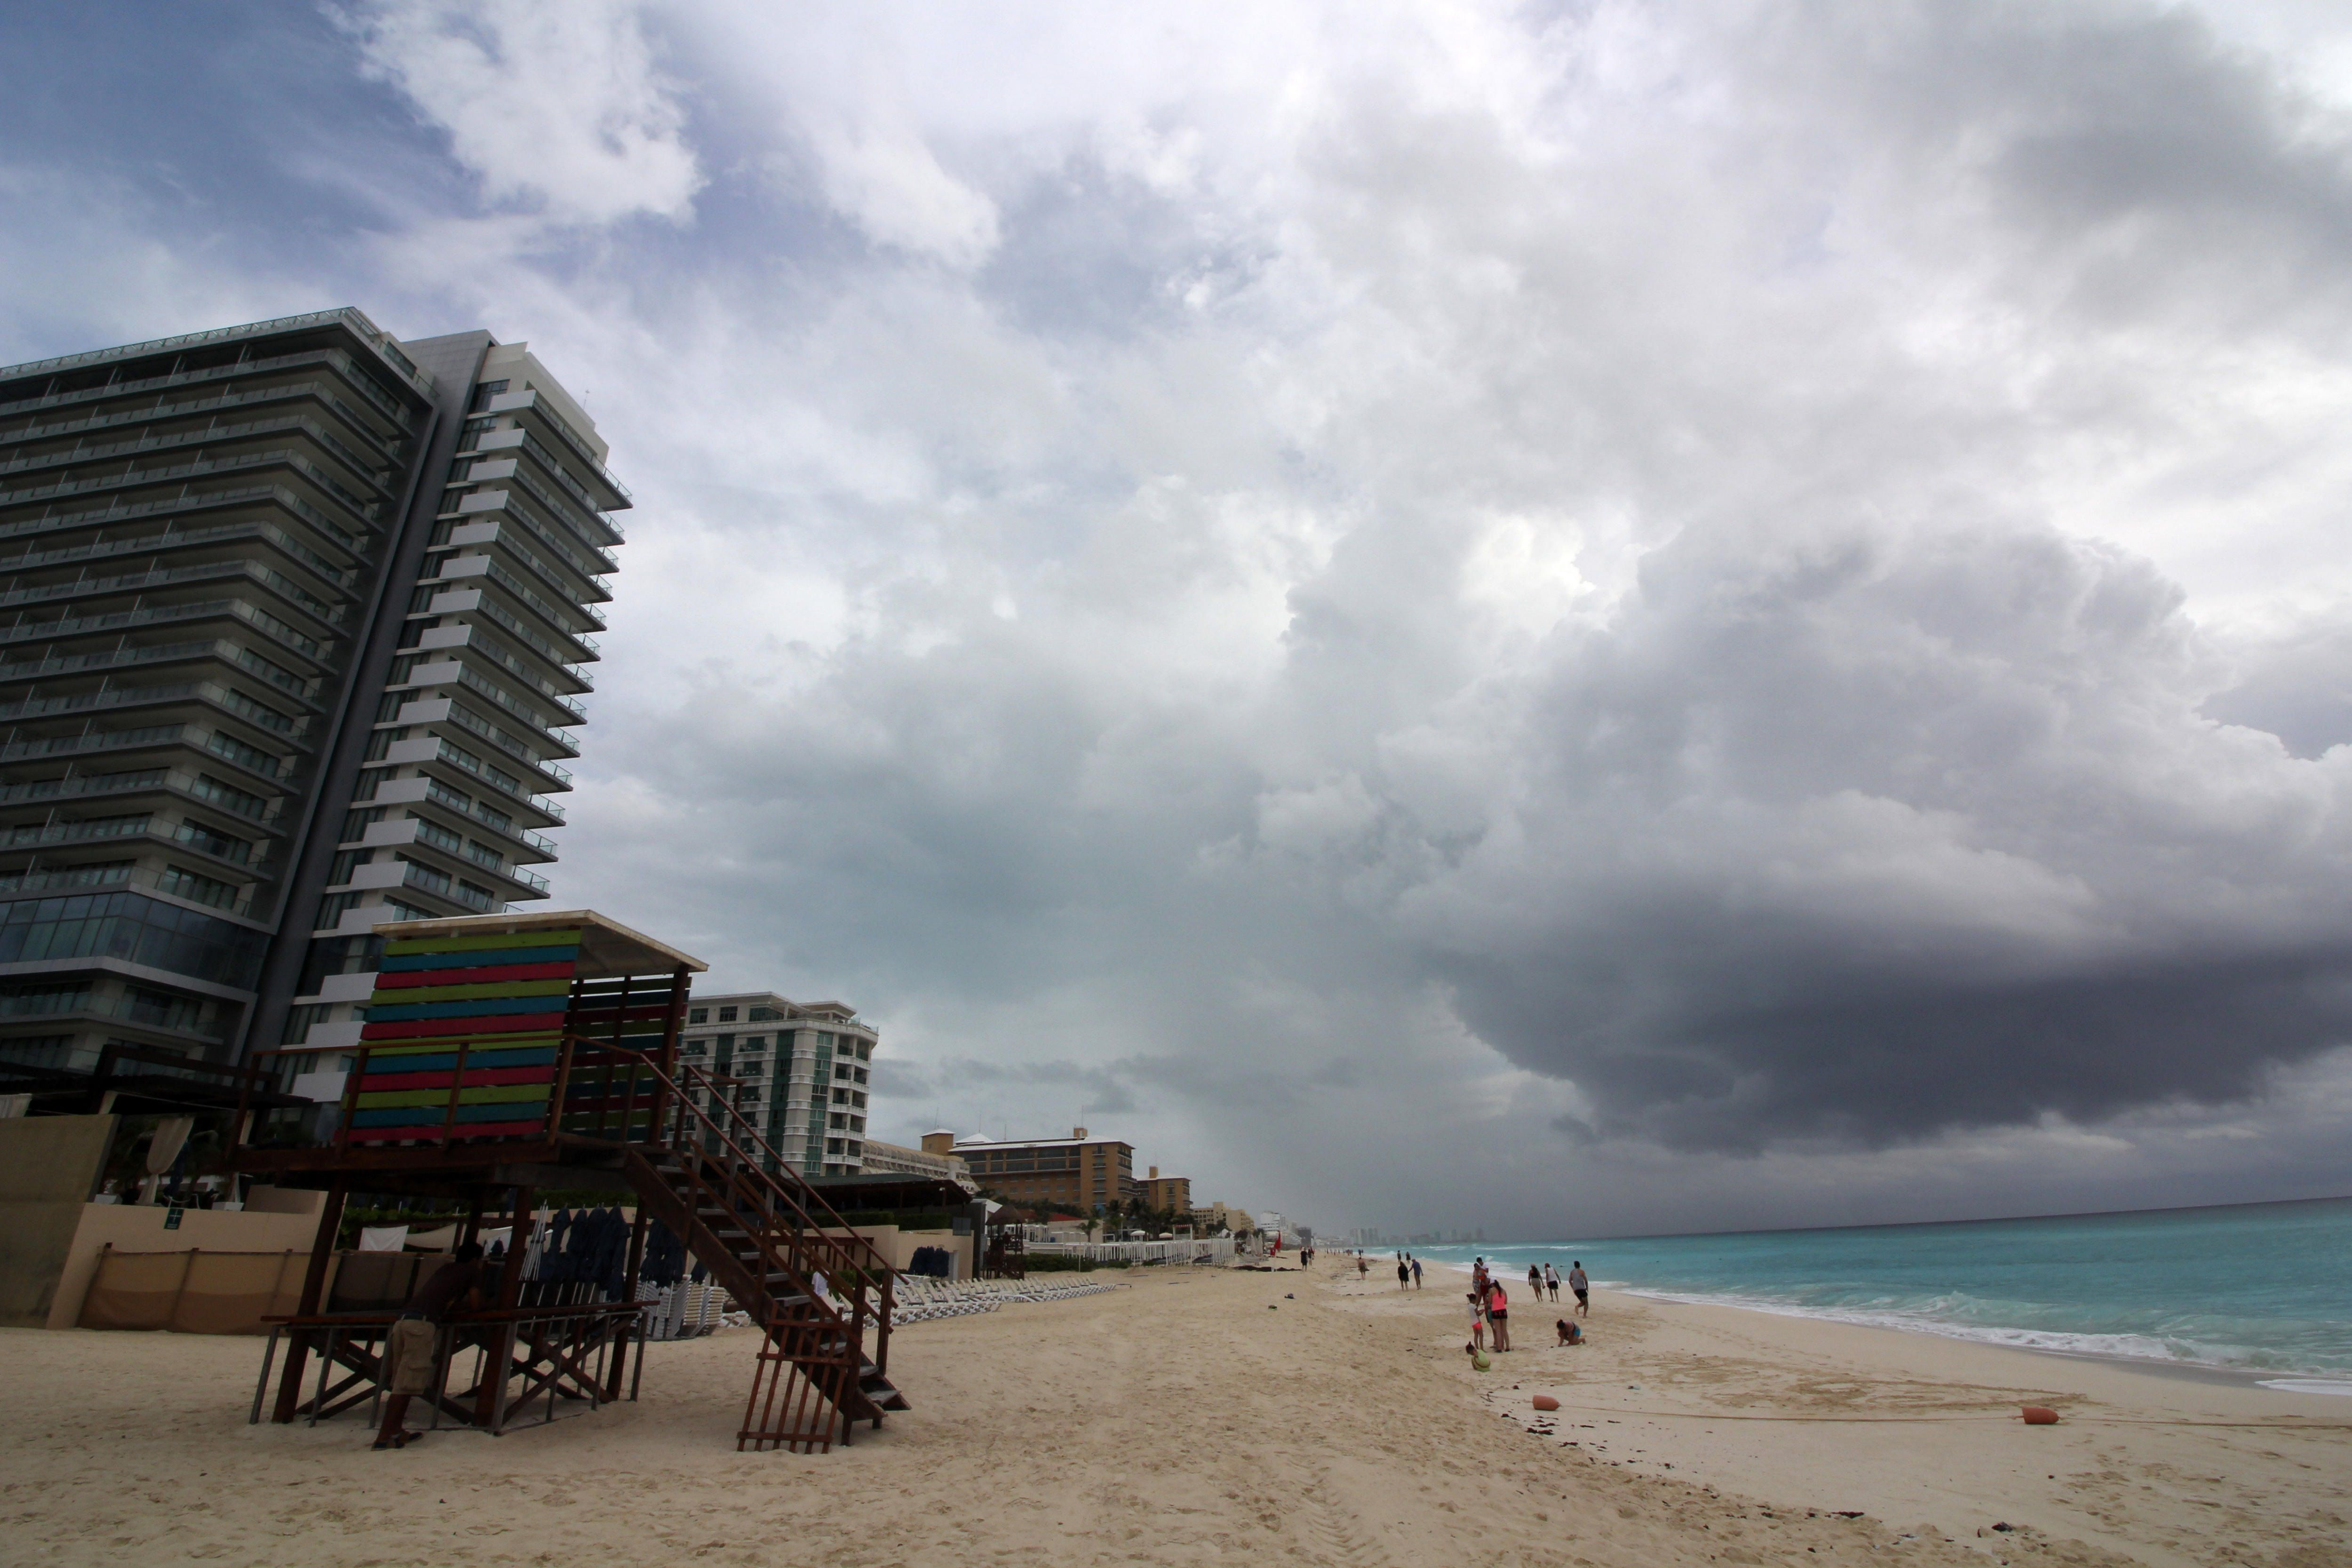 Protección Civil de Cancún emitió la alerta. (Foto: EFE)